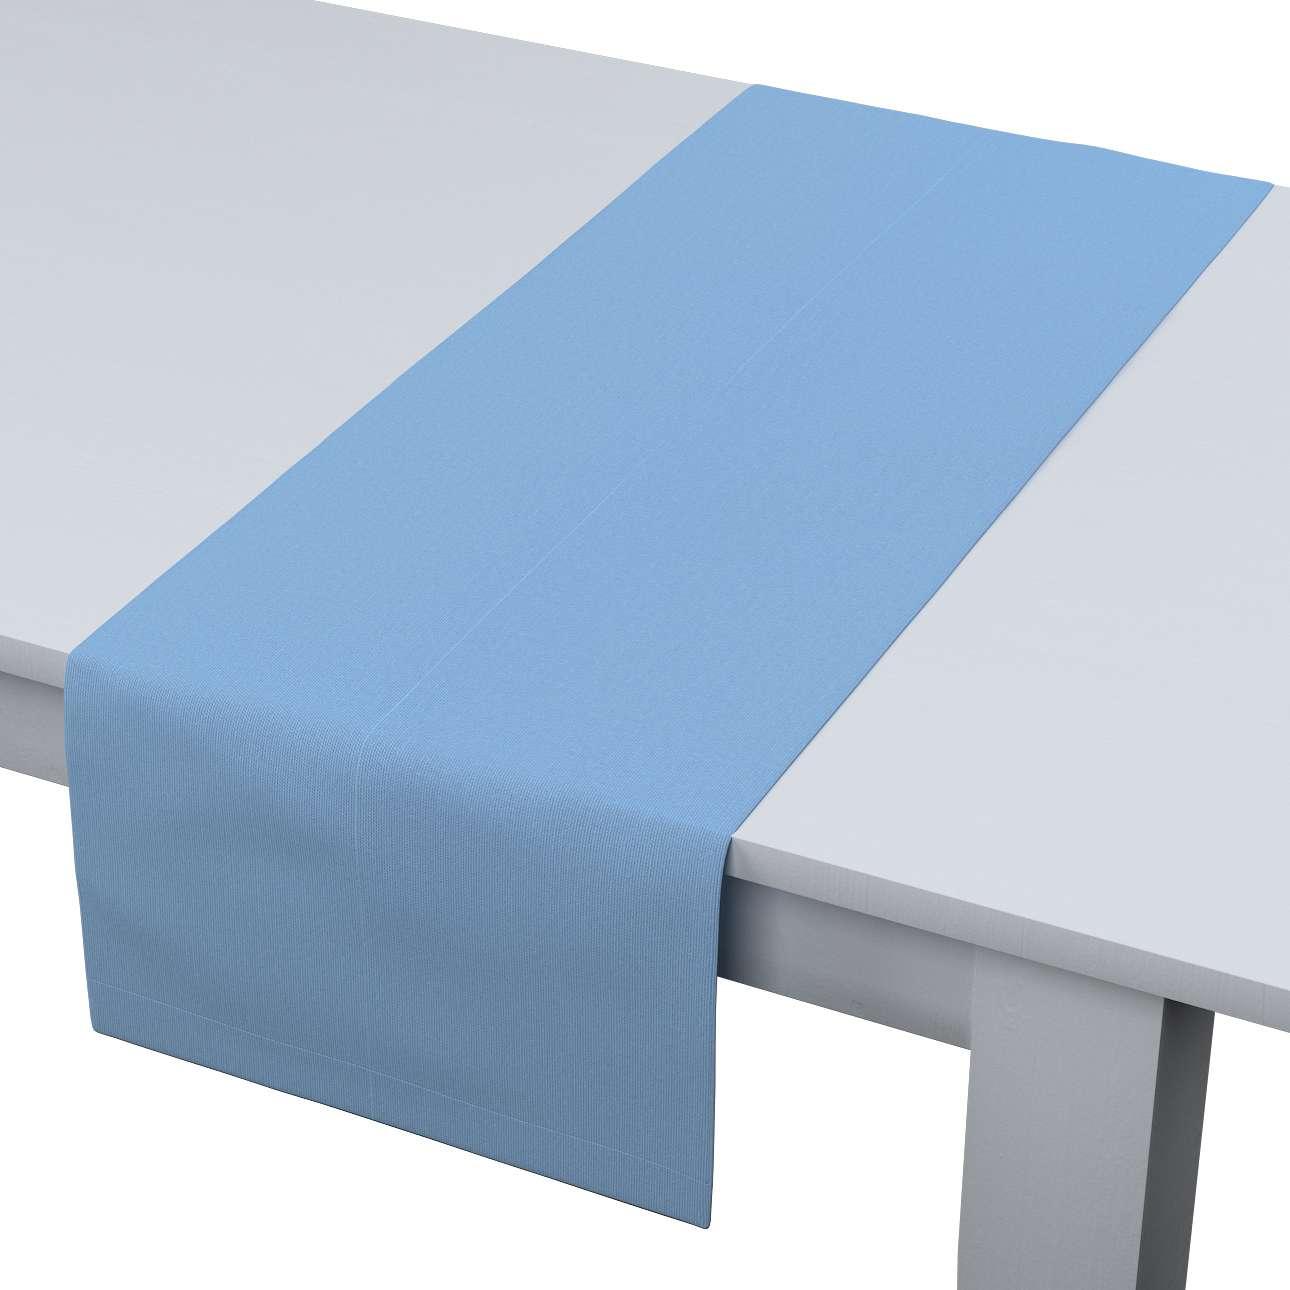 Rechteckiger Tischläufer von der Kollektion Loneta, Stoff: 133-21